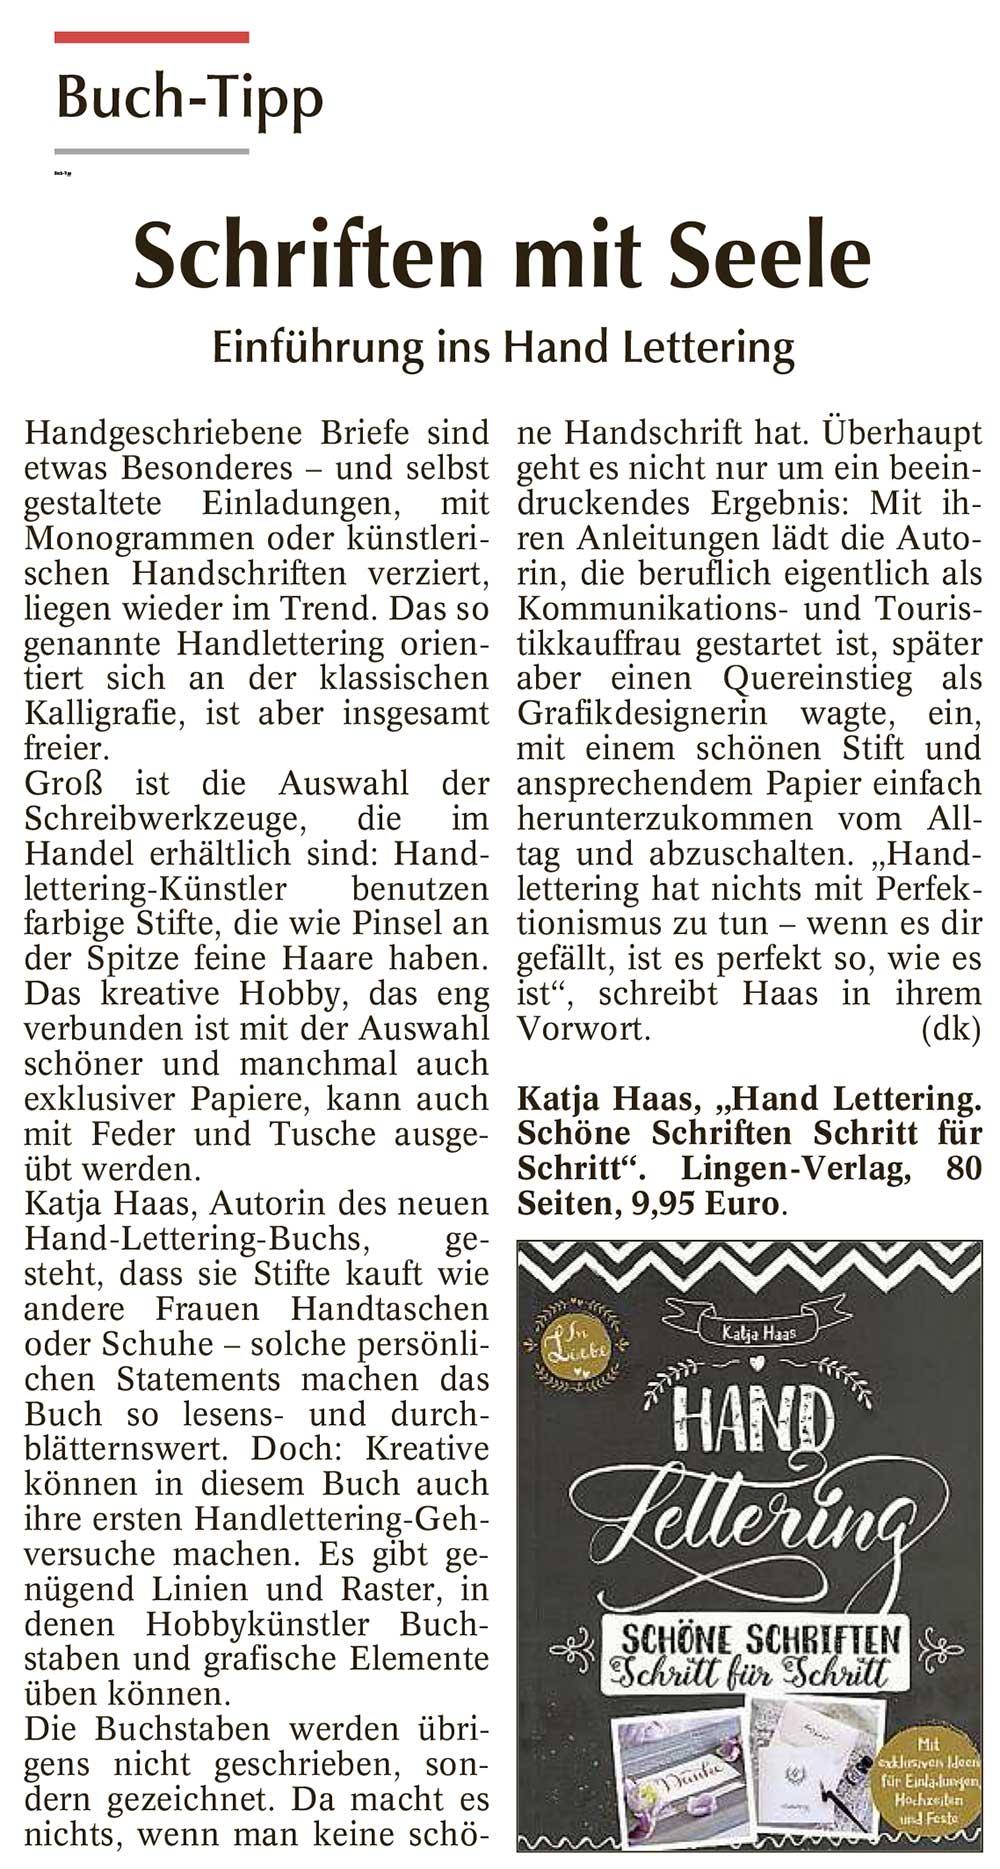 Badisches-Tagblatt-150417-Handlettering